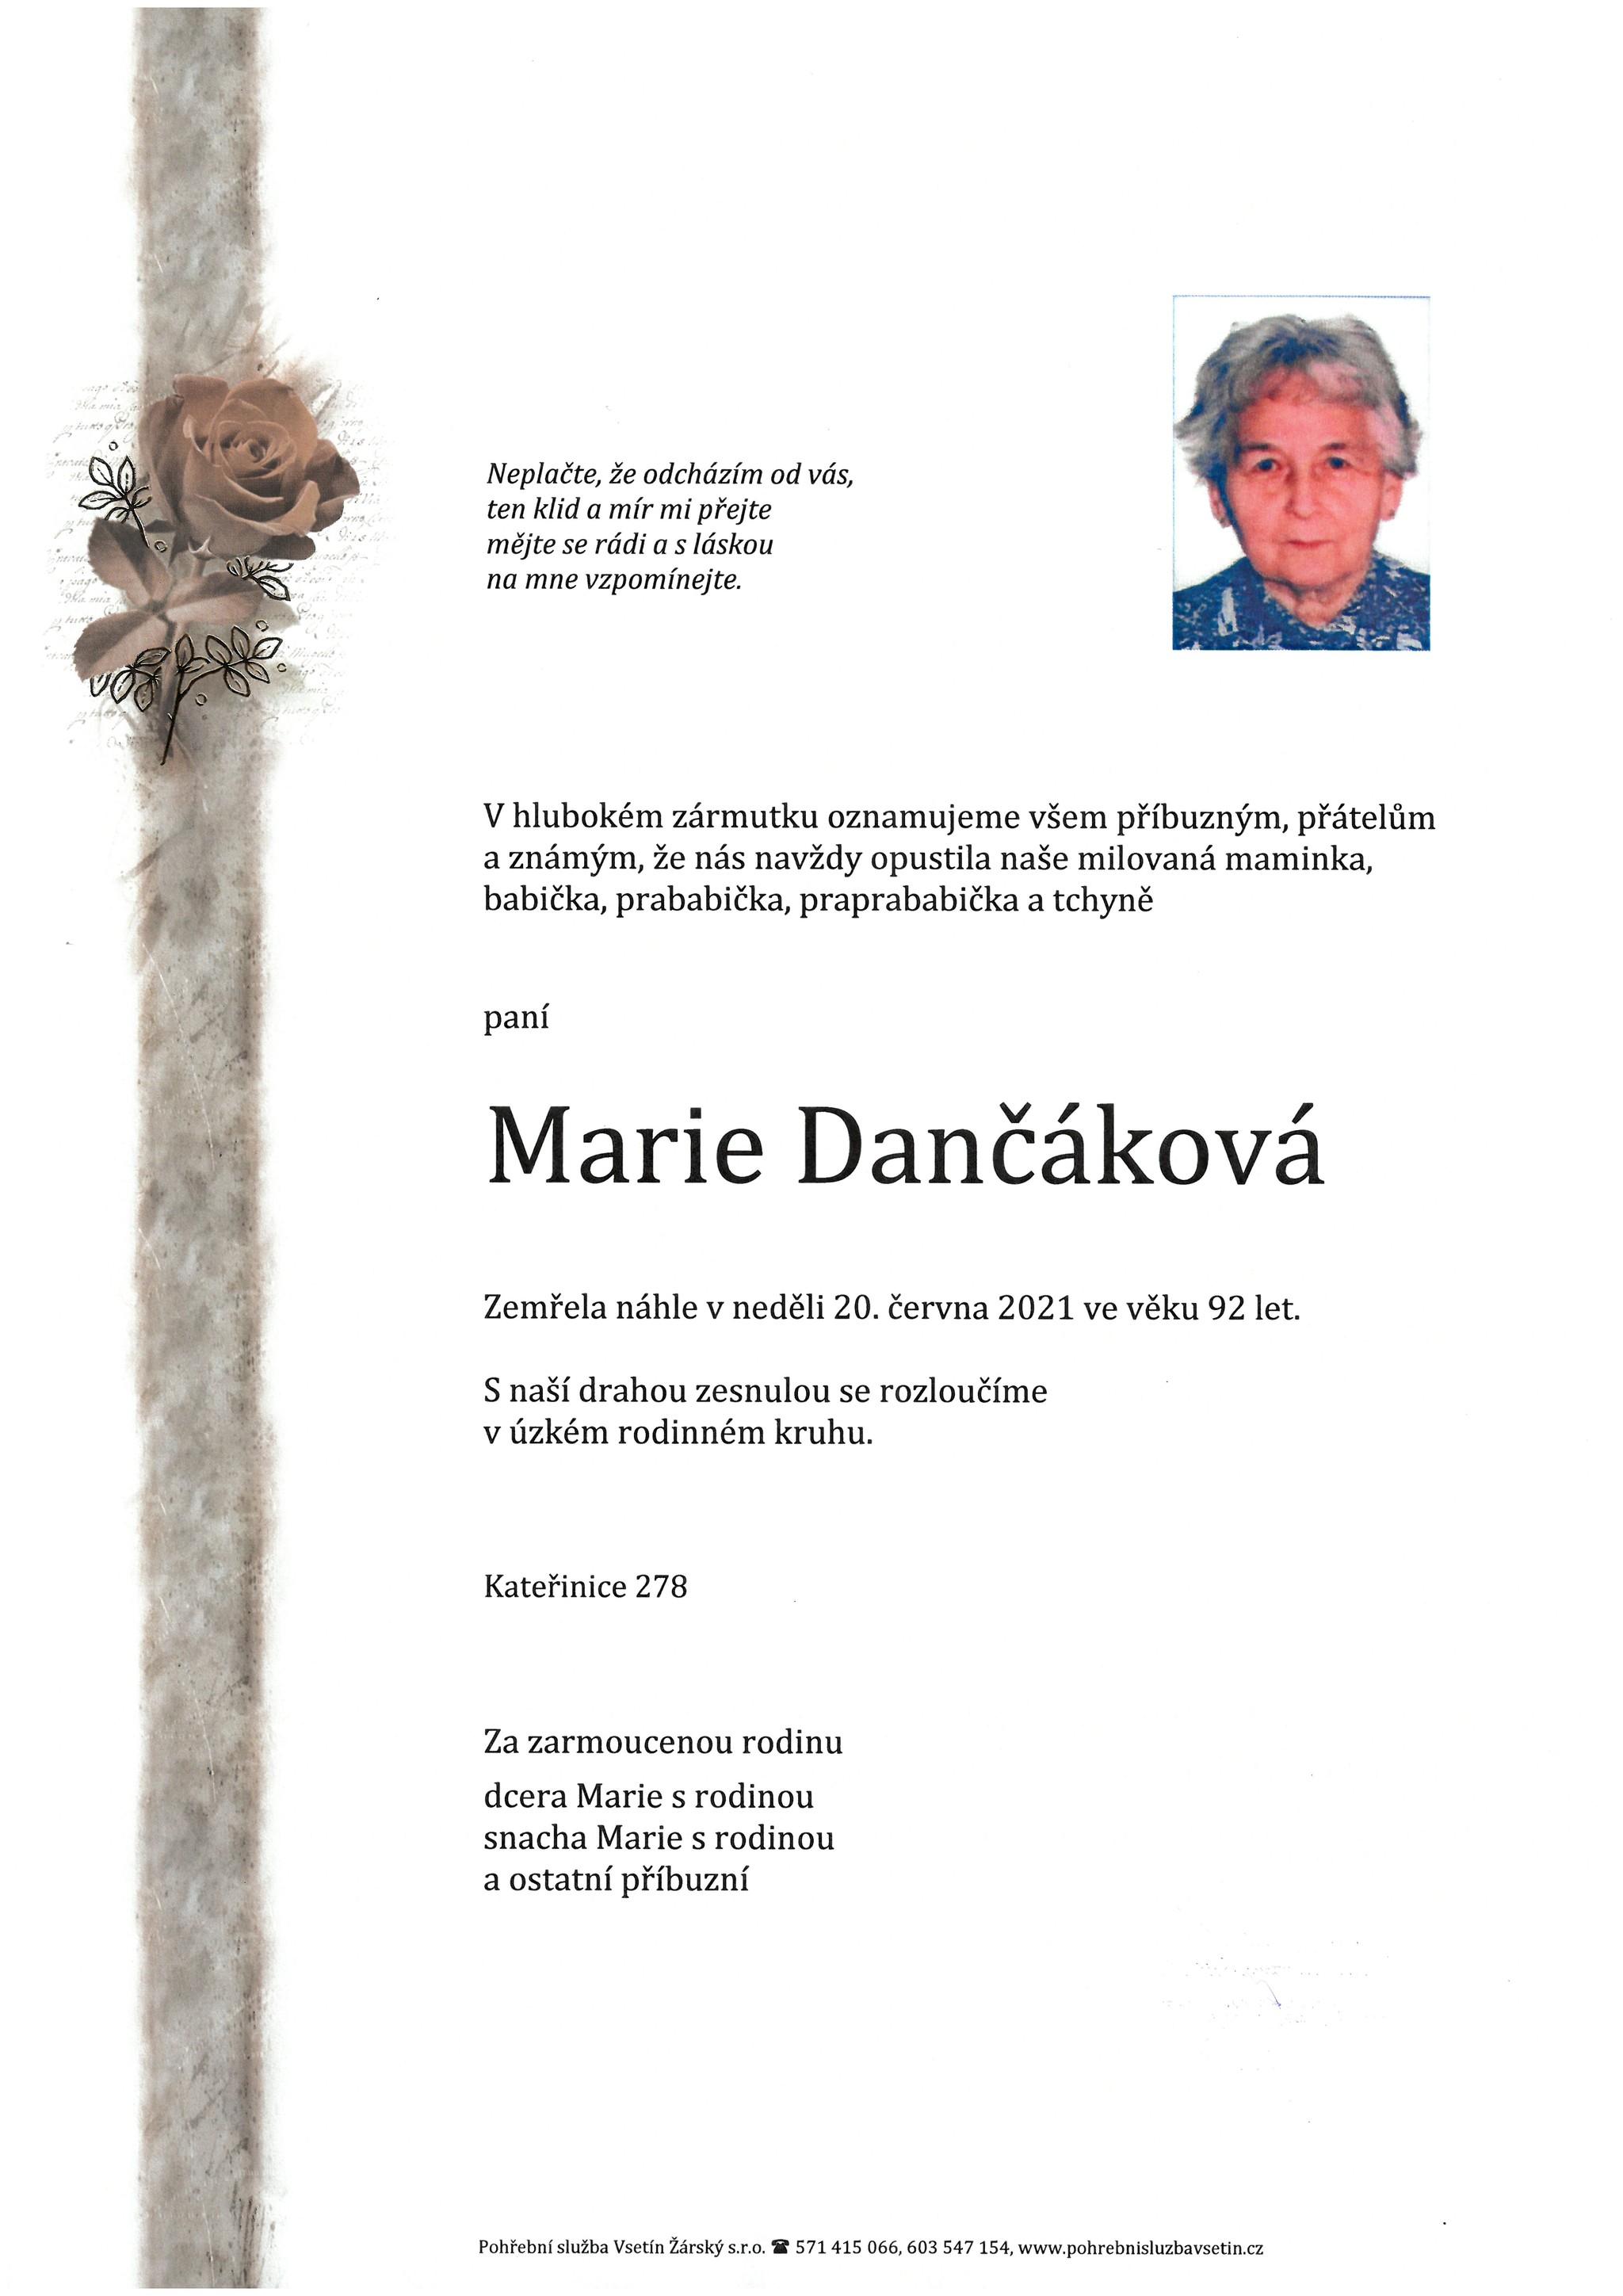 Marie Dančáková